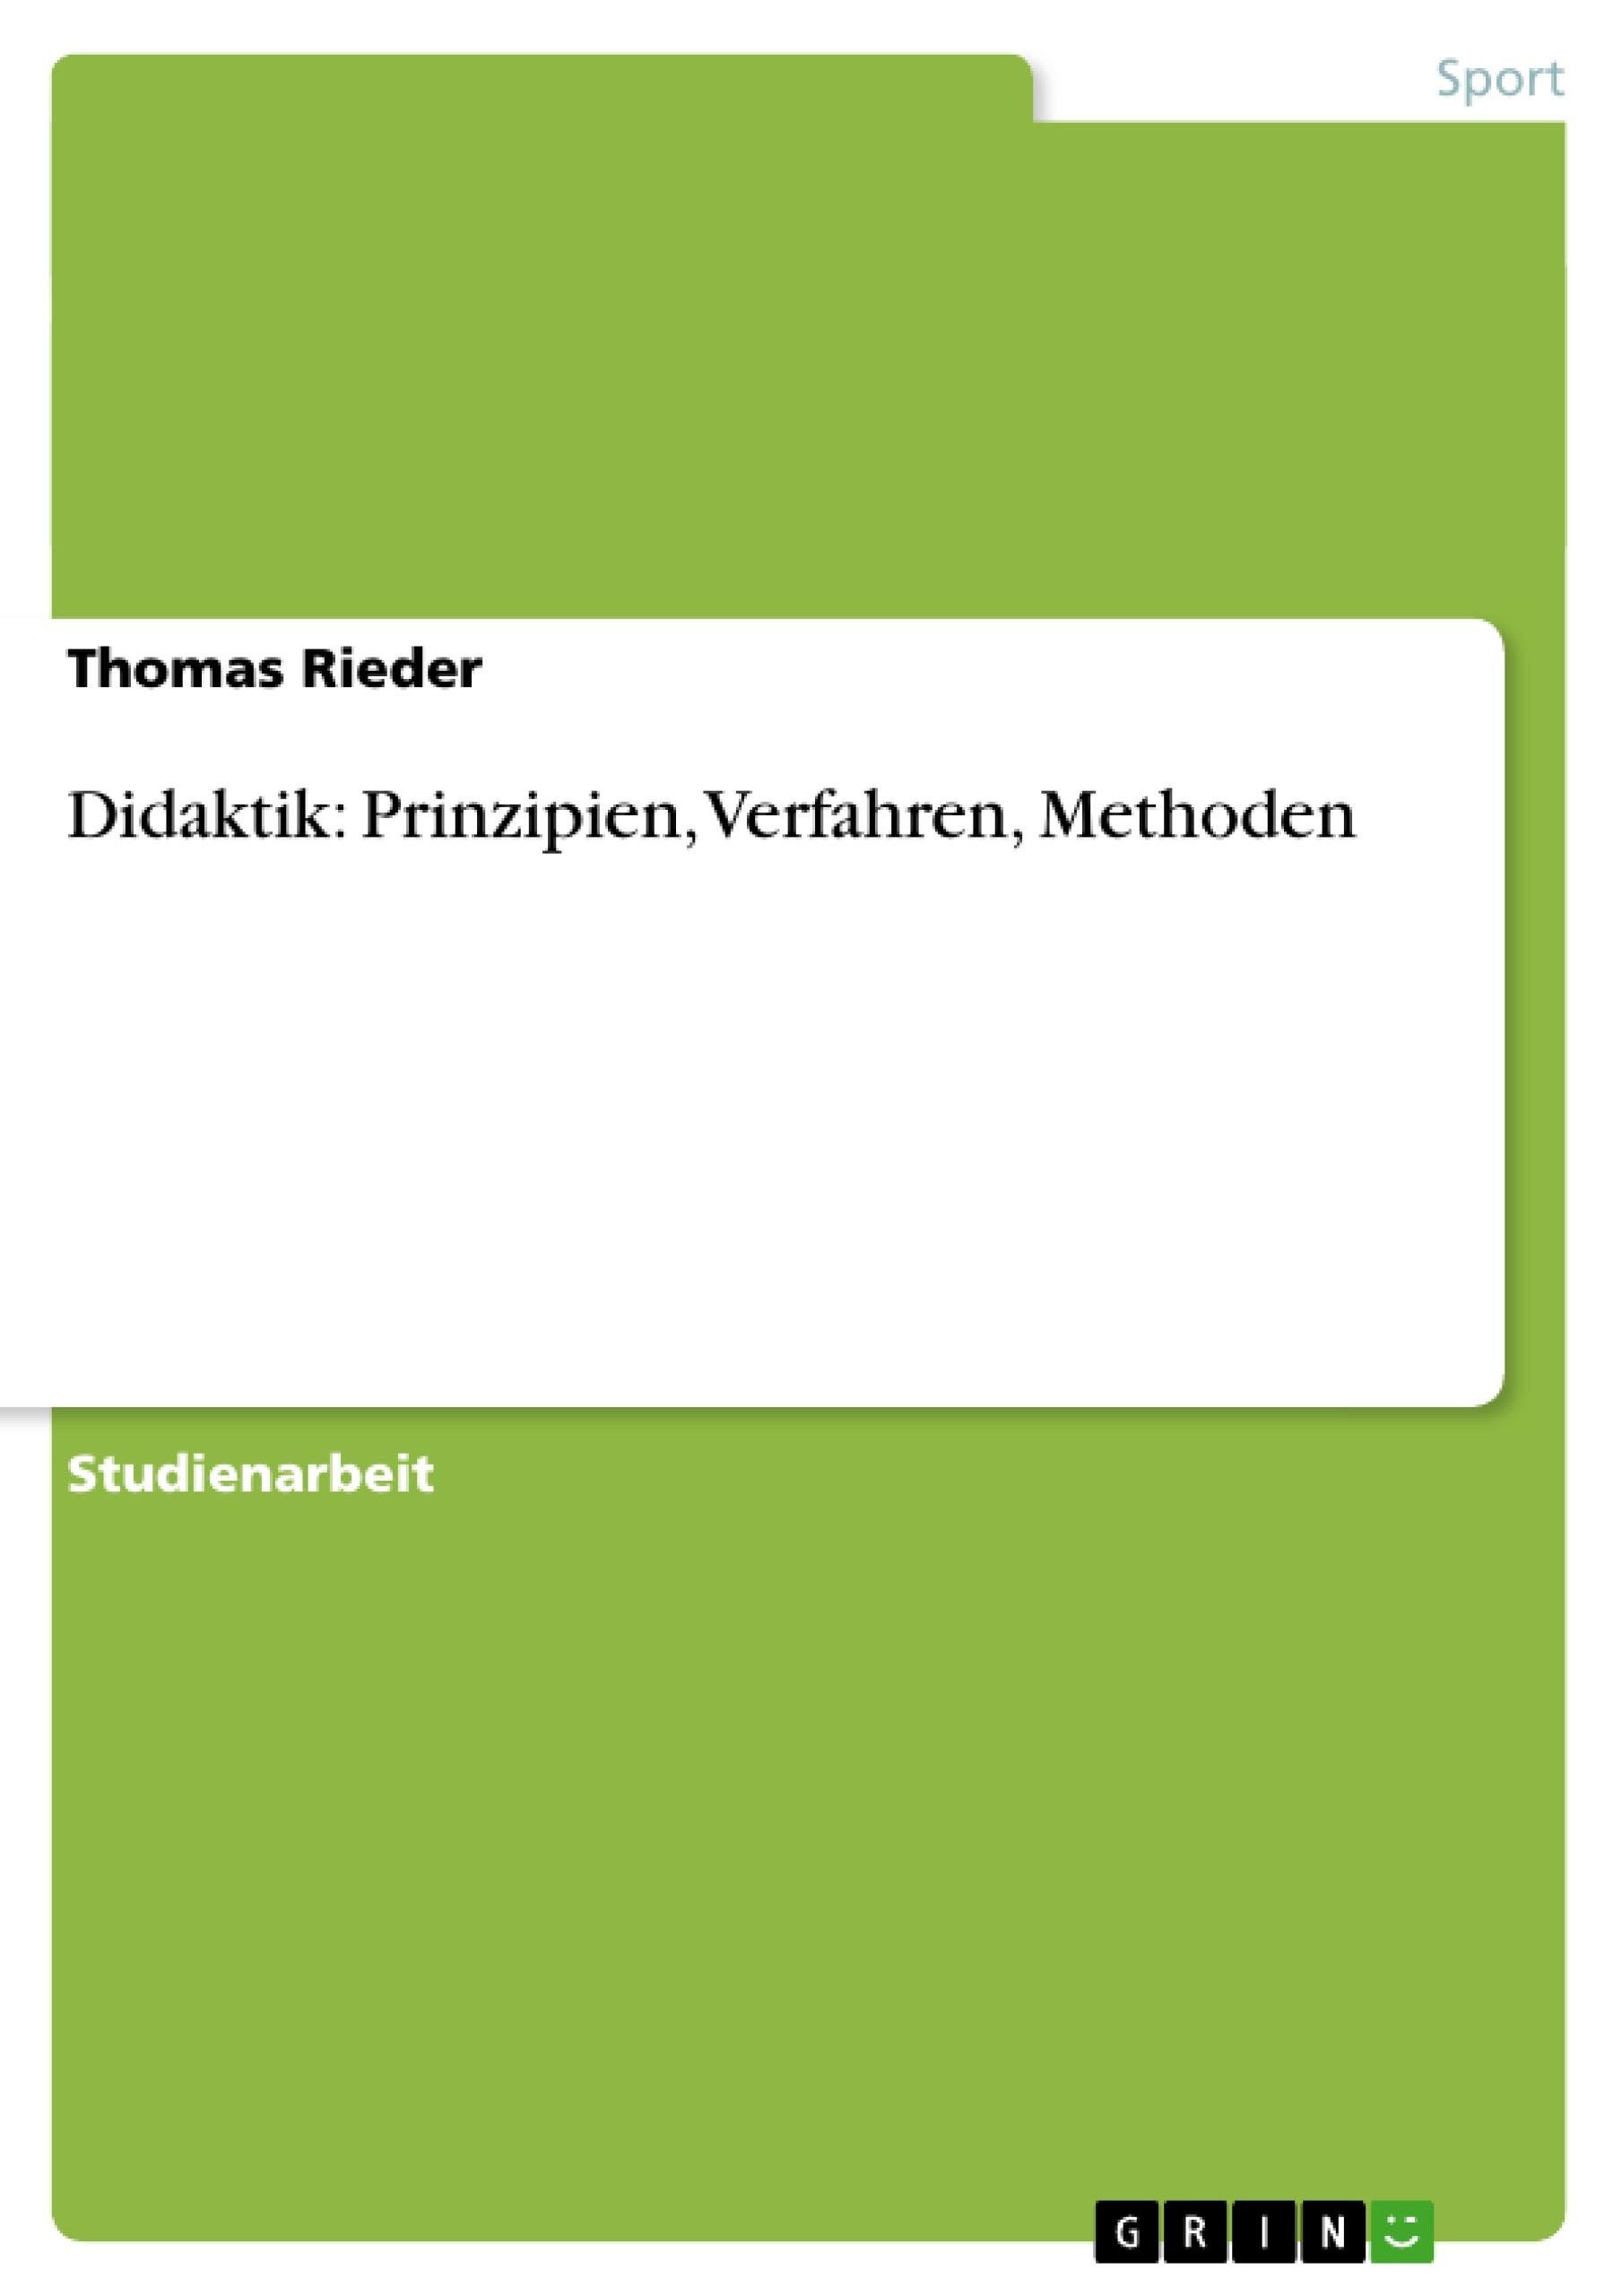 Titel: Didaktik: Prinzipien, Verfahren, Methoden